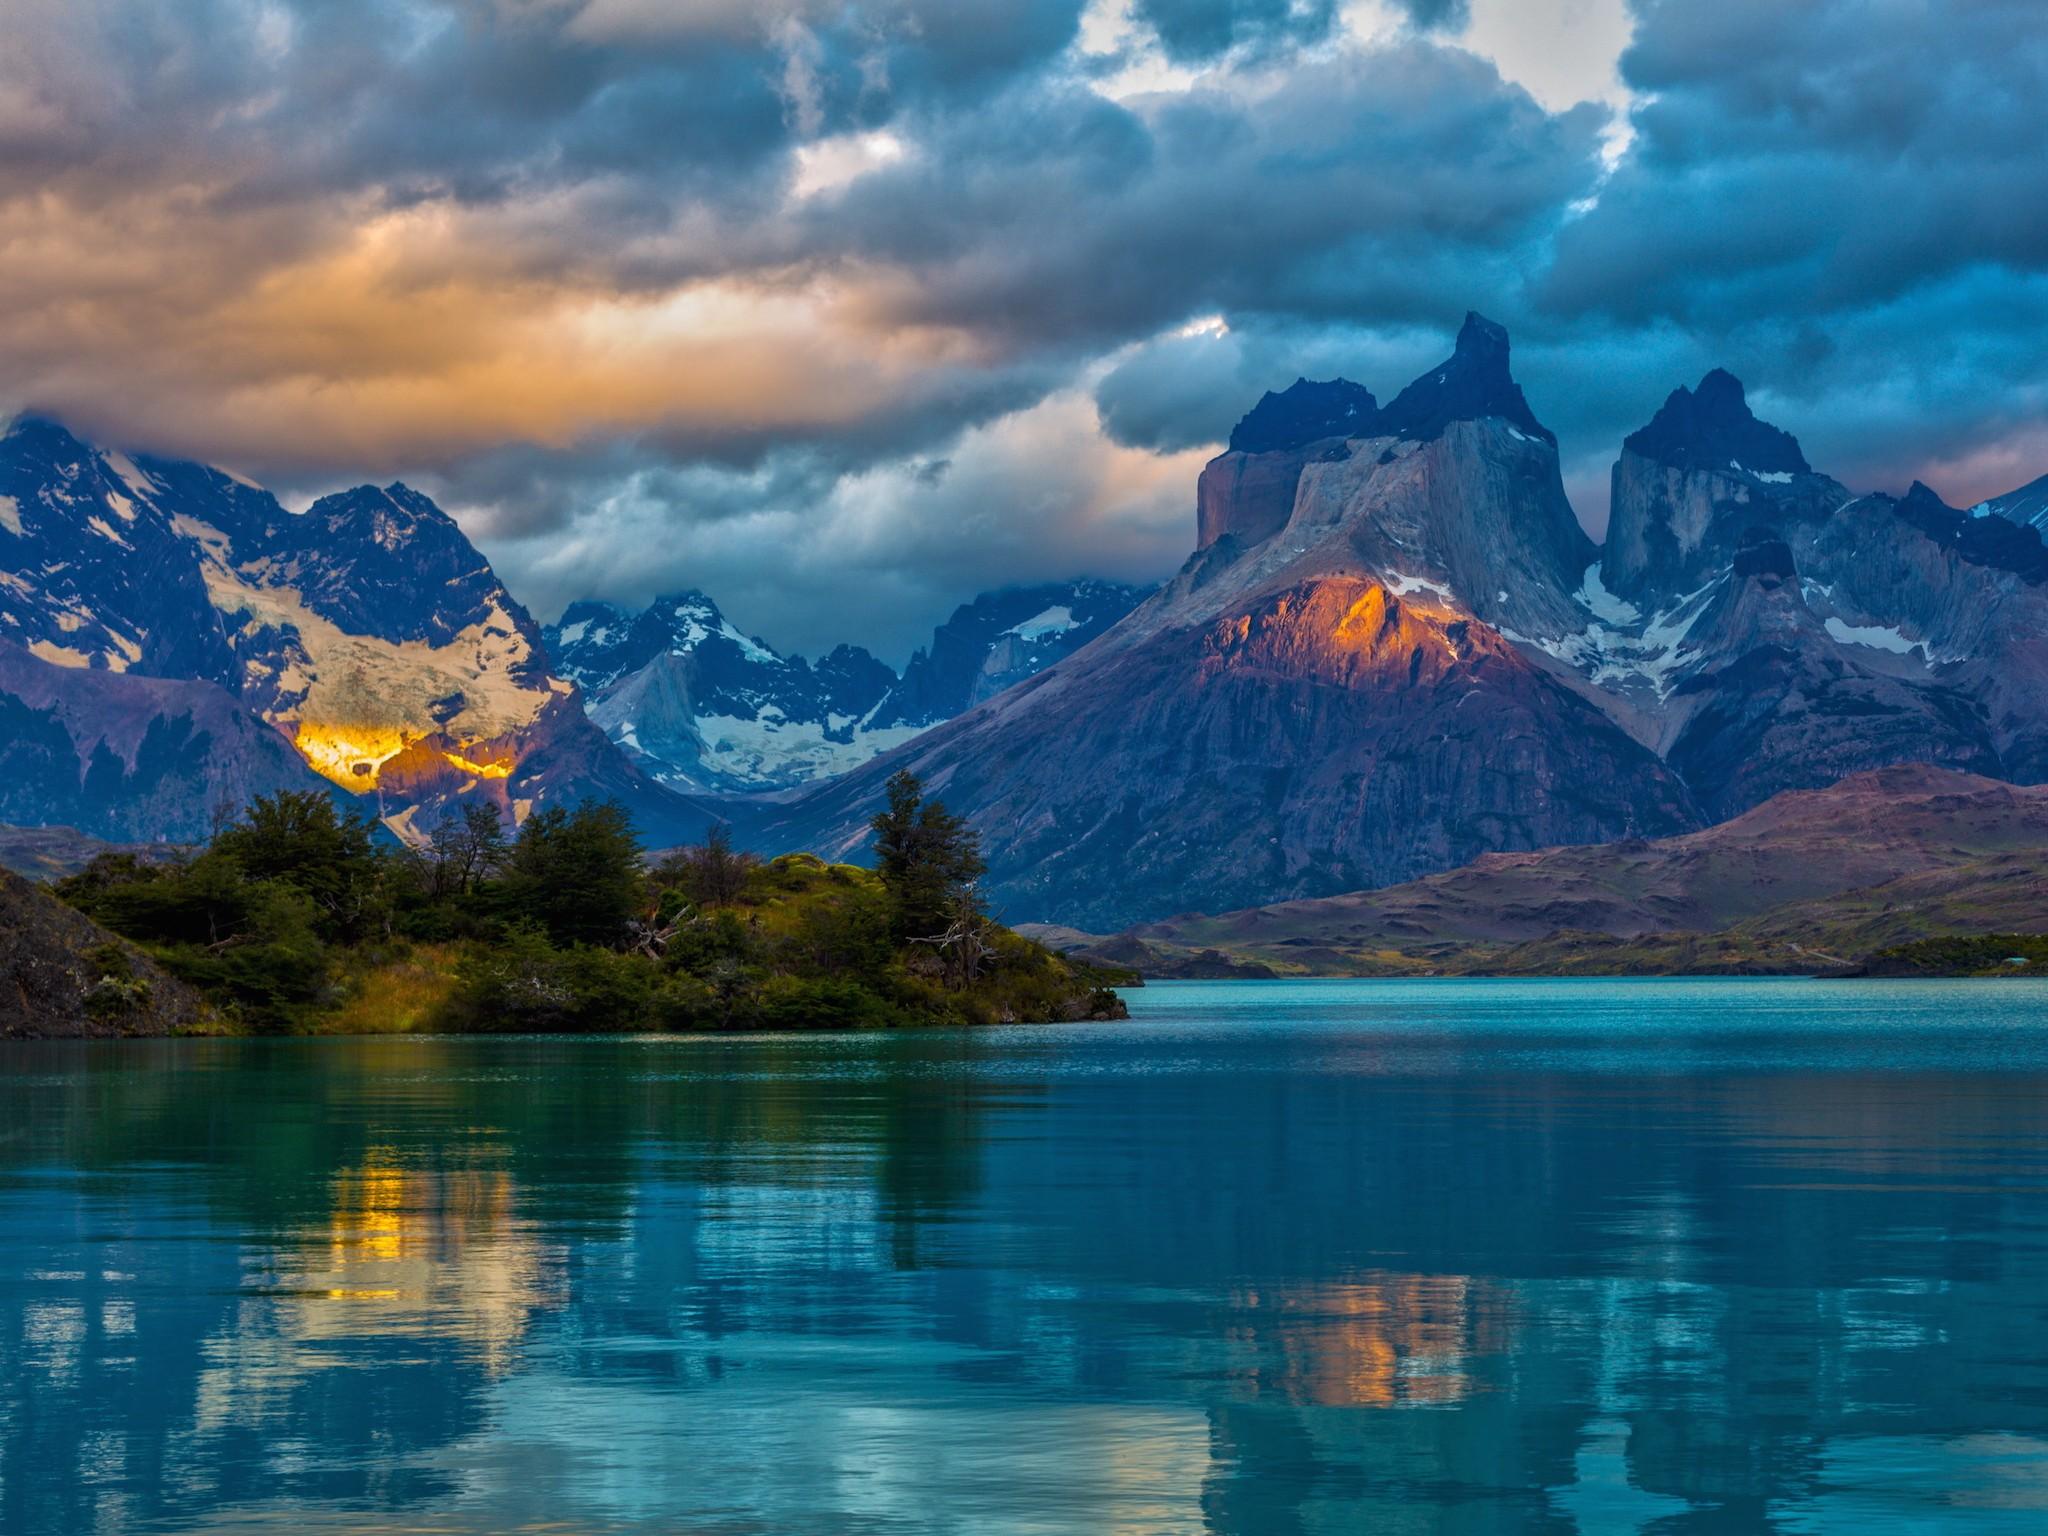 Argentina Landscape Hd Wallpaper Free Landscape Image